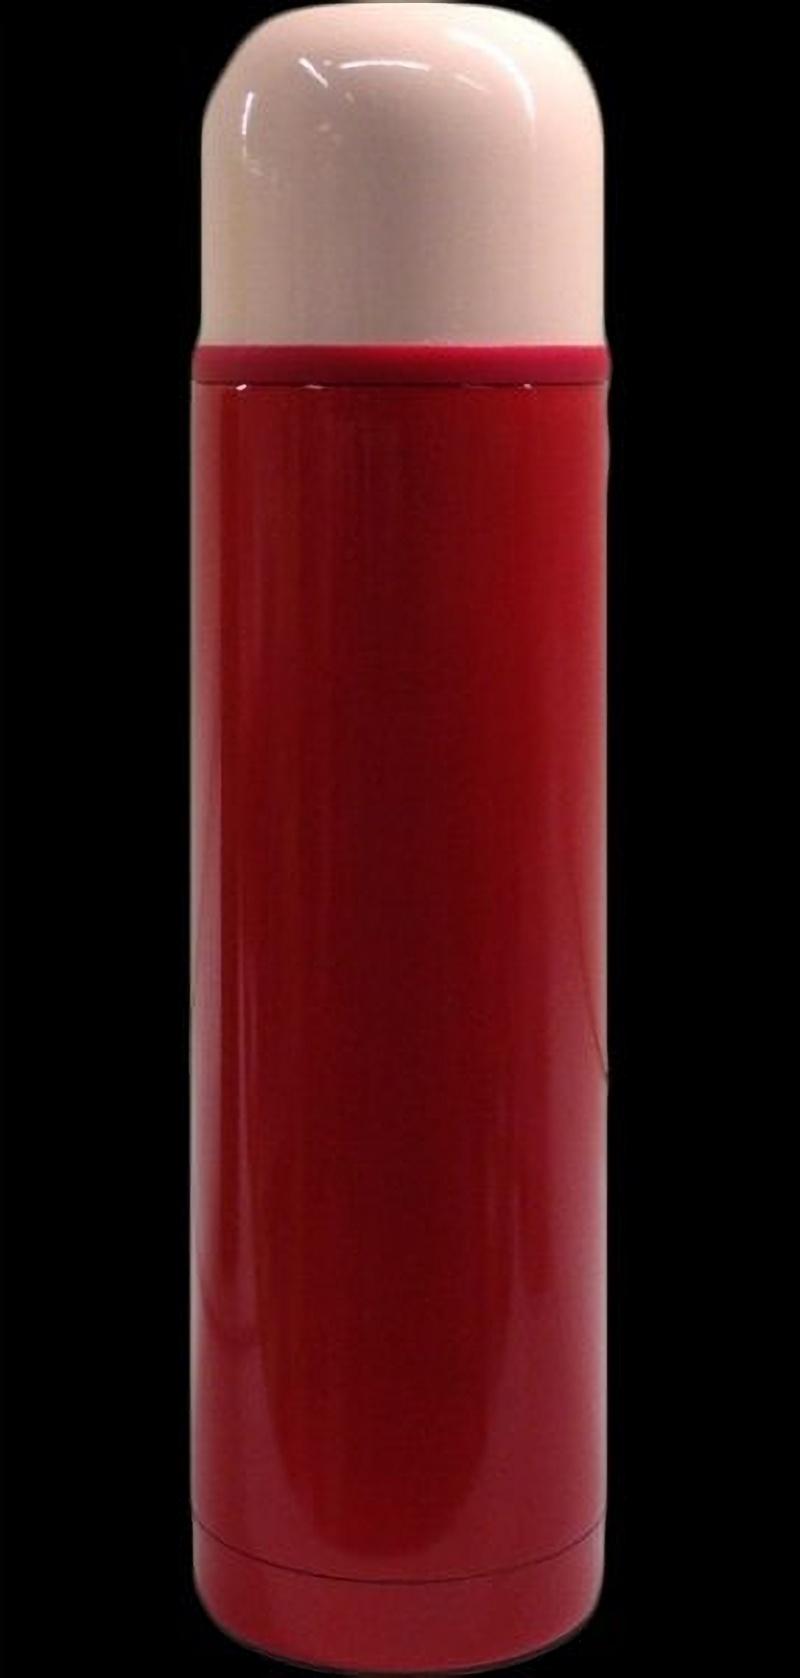 [2]が投稿したHÄLSA スチール製魔法瓶の写真